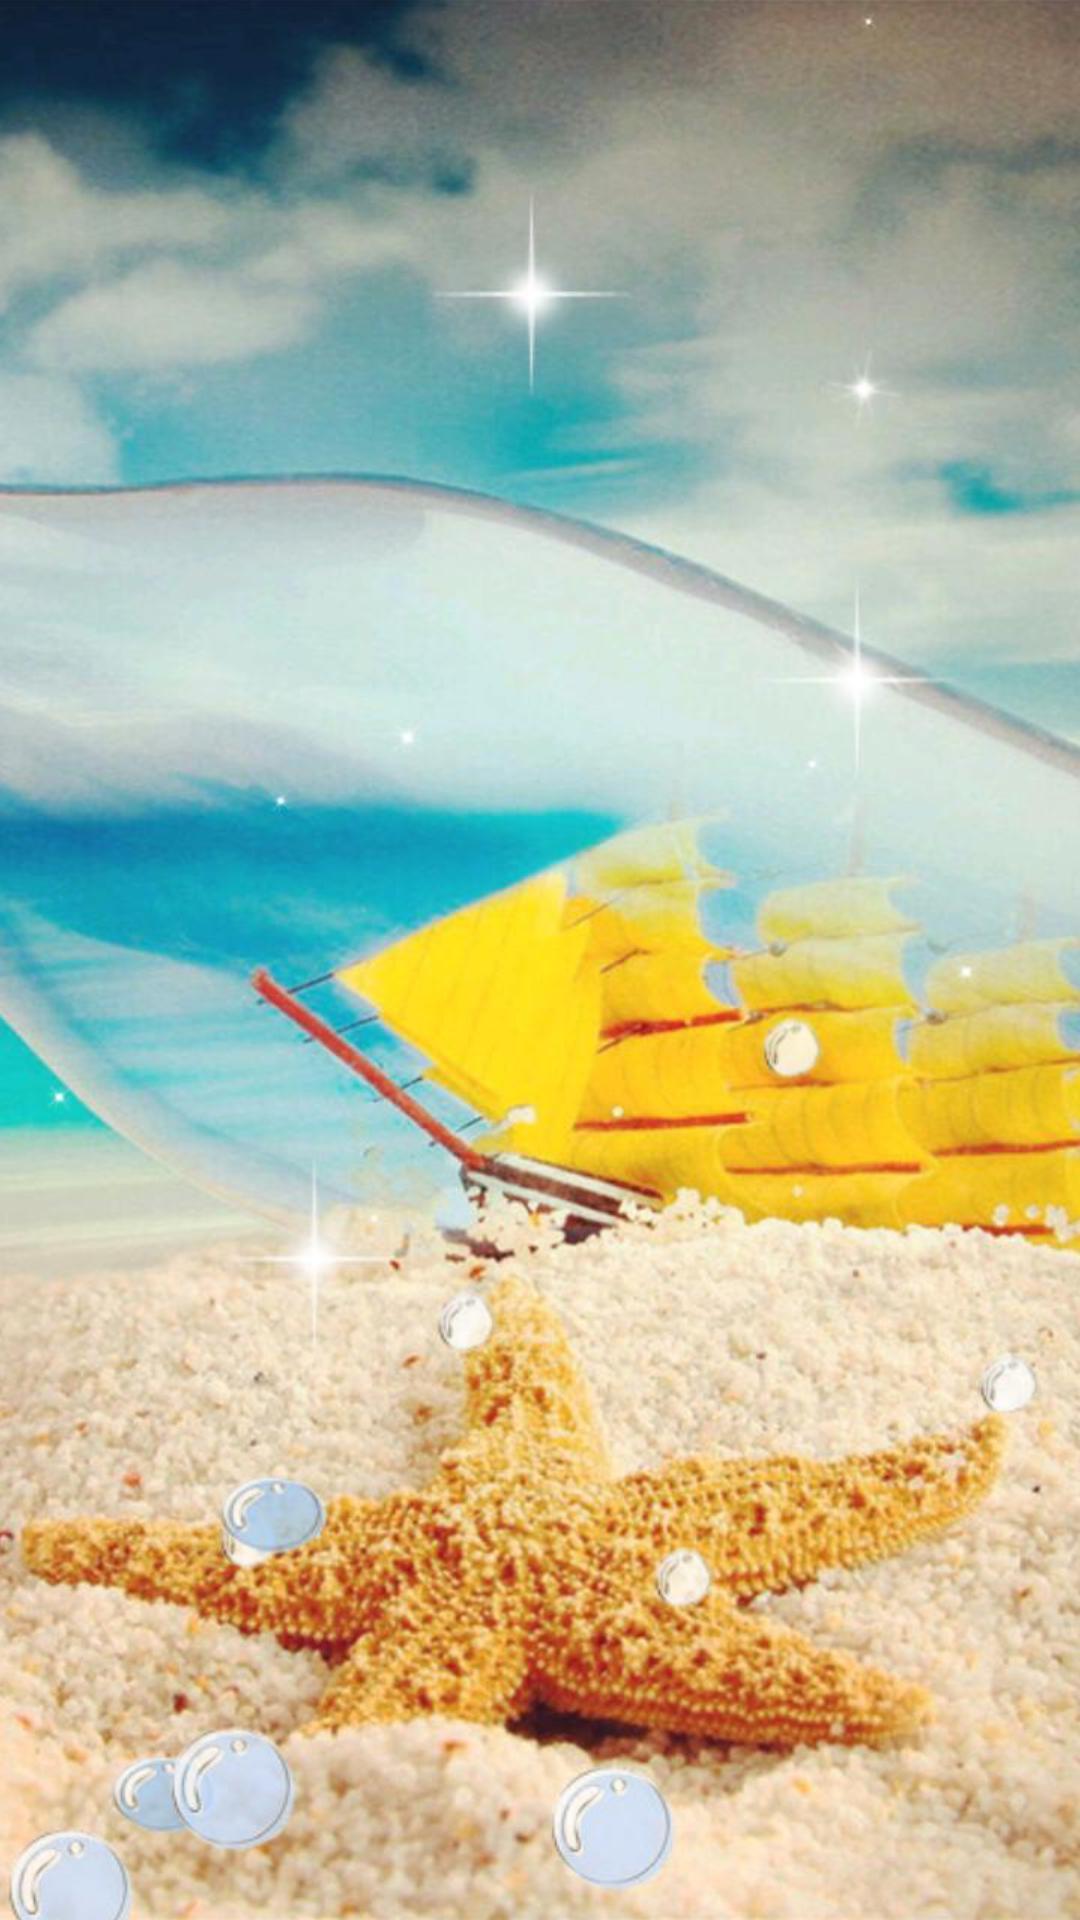 360 回忆的漂流瓶主题动态壁纸手机版截图